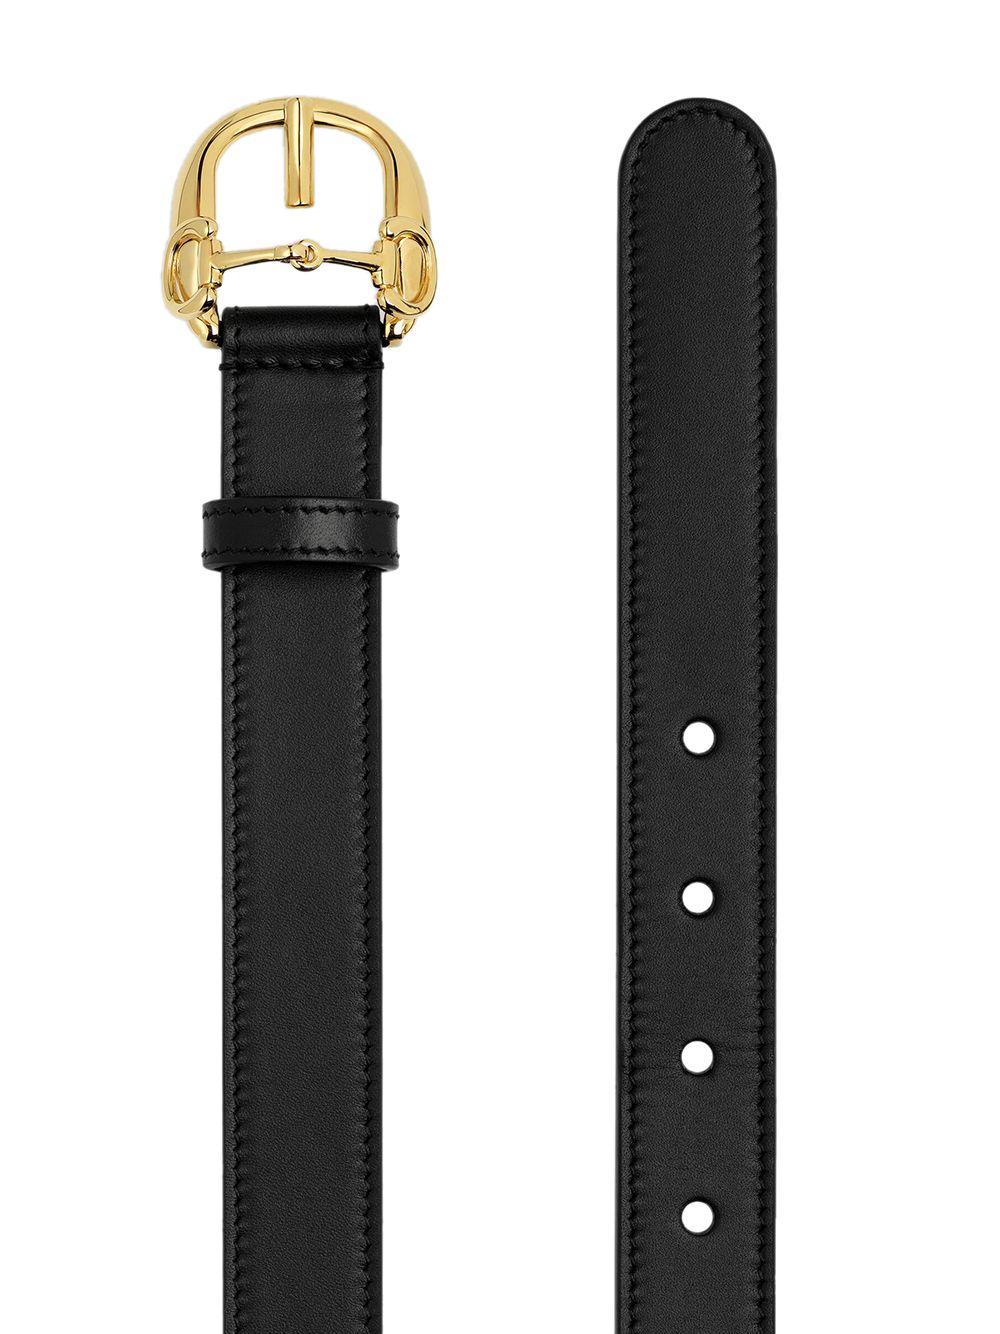 cintura in pelle di vitello 2,5 nera con fibbia Gucci Horsebit GUCCI   Cinture   633125-BGH0G1000